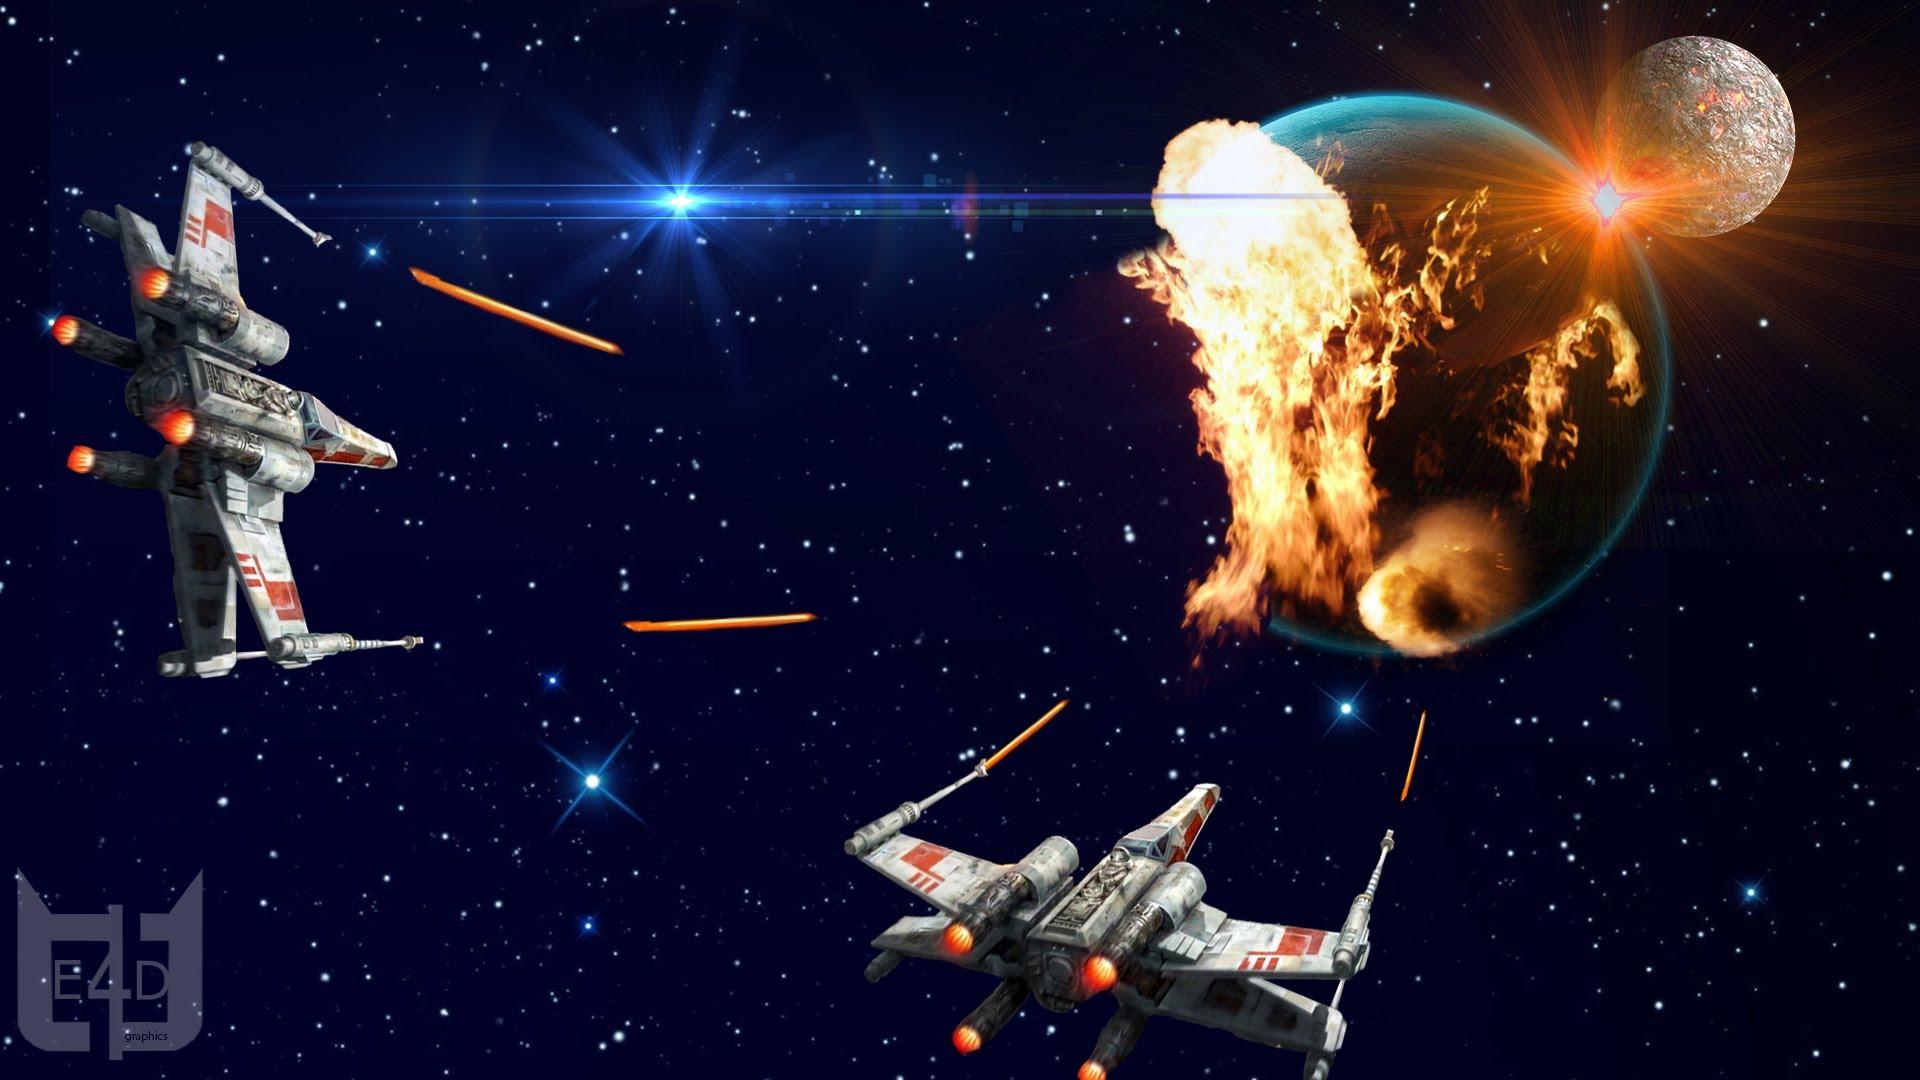 E4D Graphics-Space War Wallpaper Speed Art - YouTube